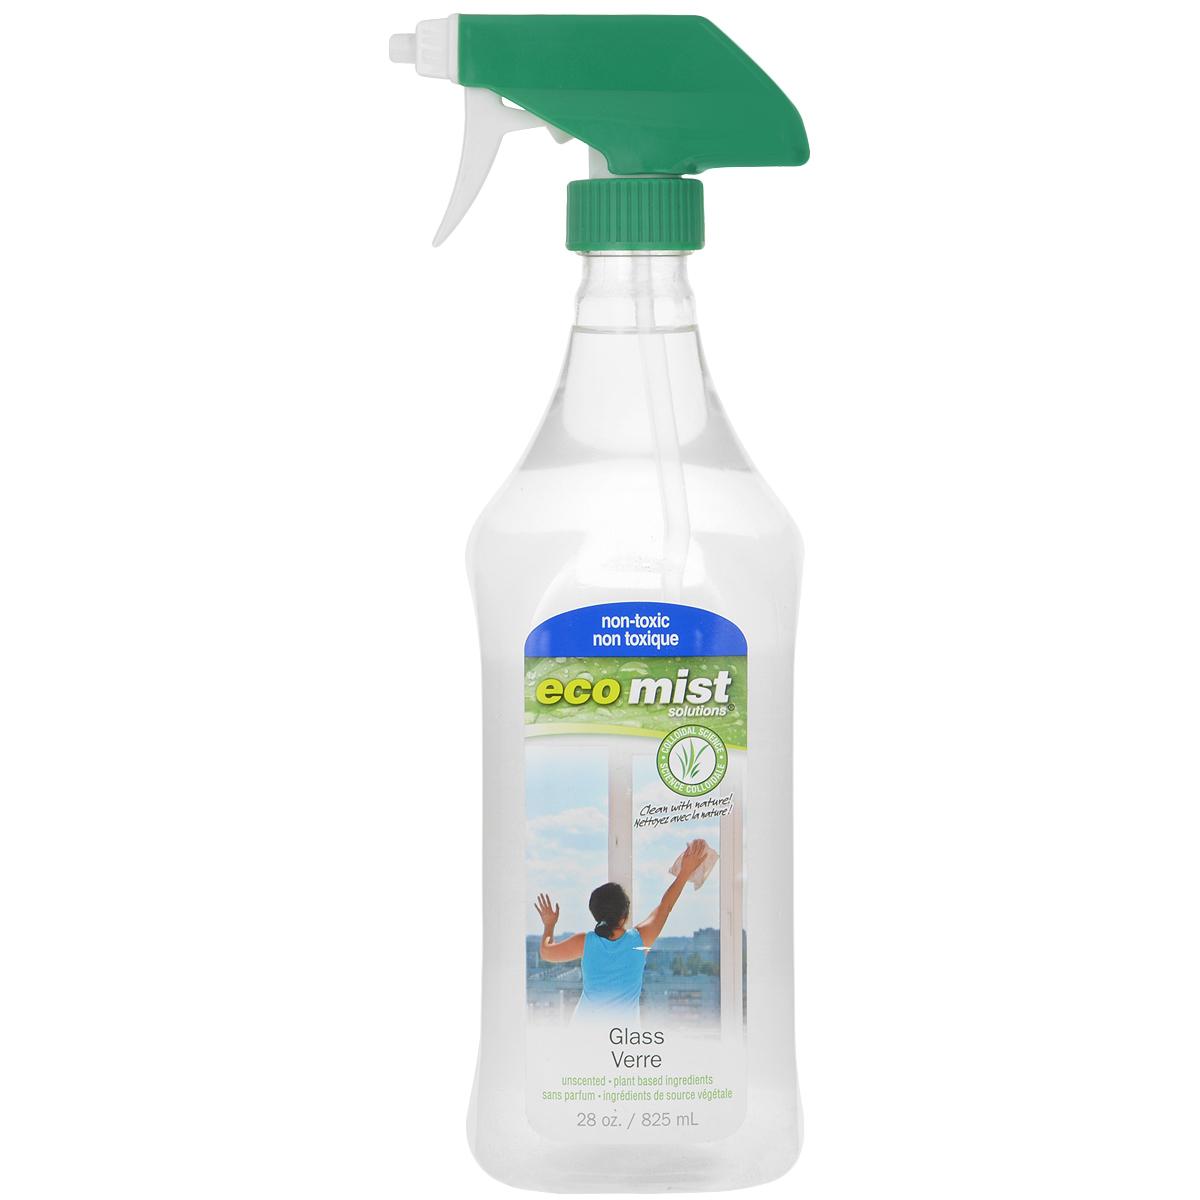 Средство для мытья стекол Eco Mist, 825 млEM825XXGXTR06EFLМоющее средство Eco Mist, не оставляющее разводов! Используется для мойки окон, зеркал и других стеклянных поверхностей. Может быть также использовано для очистки хромированных и металлических предметов. Средство идеально подходит для людей с чувствительной кожей. Не токсично. Без запаха. Идеальное средство для зеркал, автомобильного стекла и пластиковыхпанелей. Состав: дехлорированная вода, сахарный тростник, переработанный экстракт кокоса.